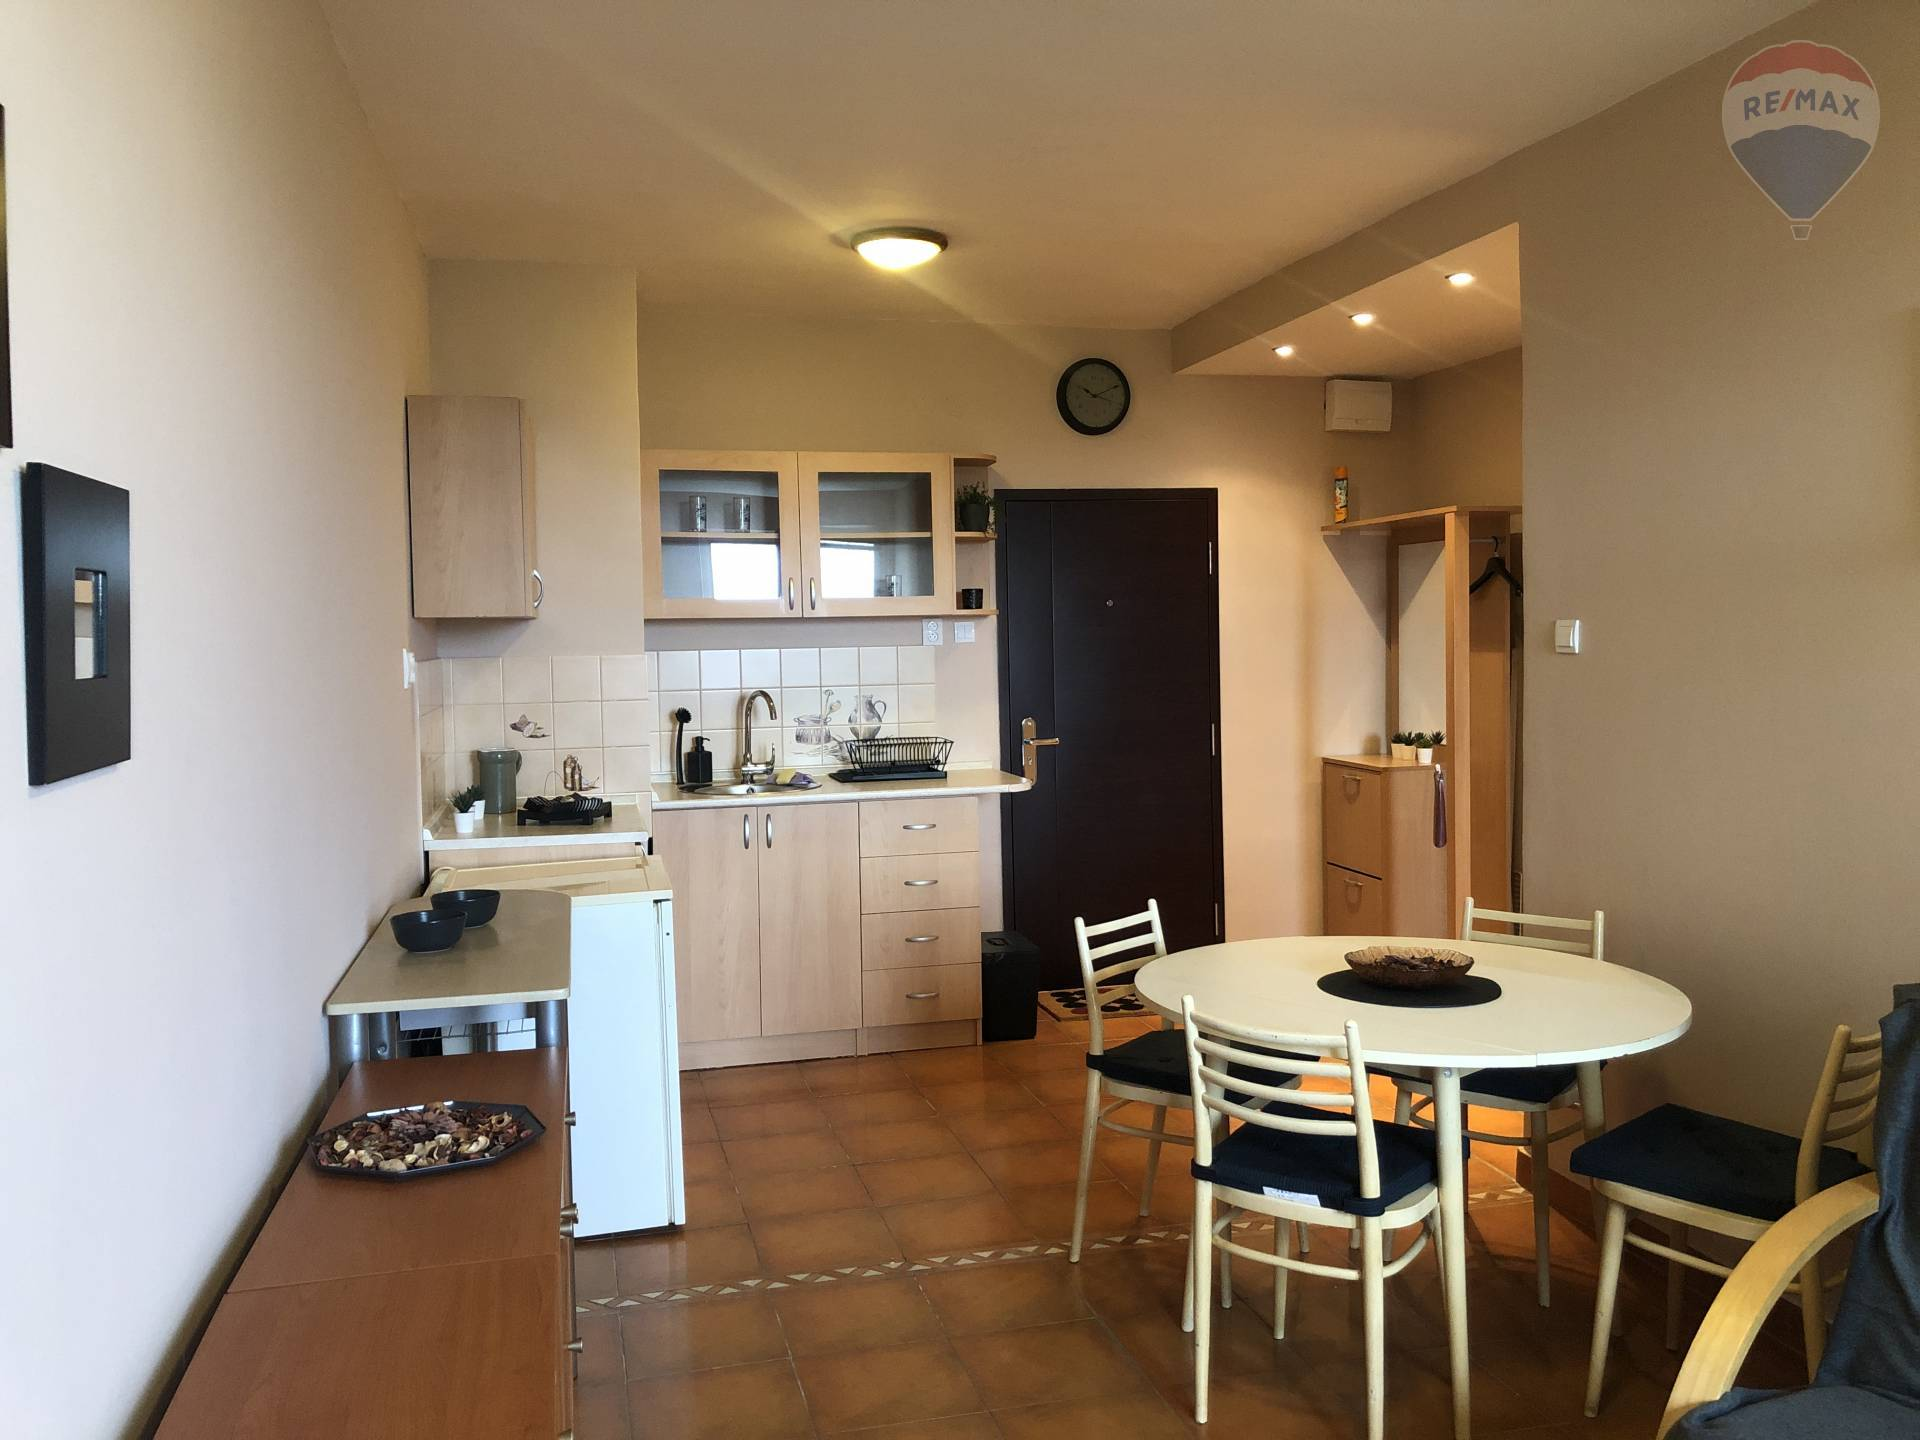 Predaj bytu (1 izbový) 40 m2, Bratislava - Vrakuňa - obývacia izba + kuchyňa